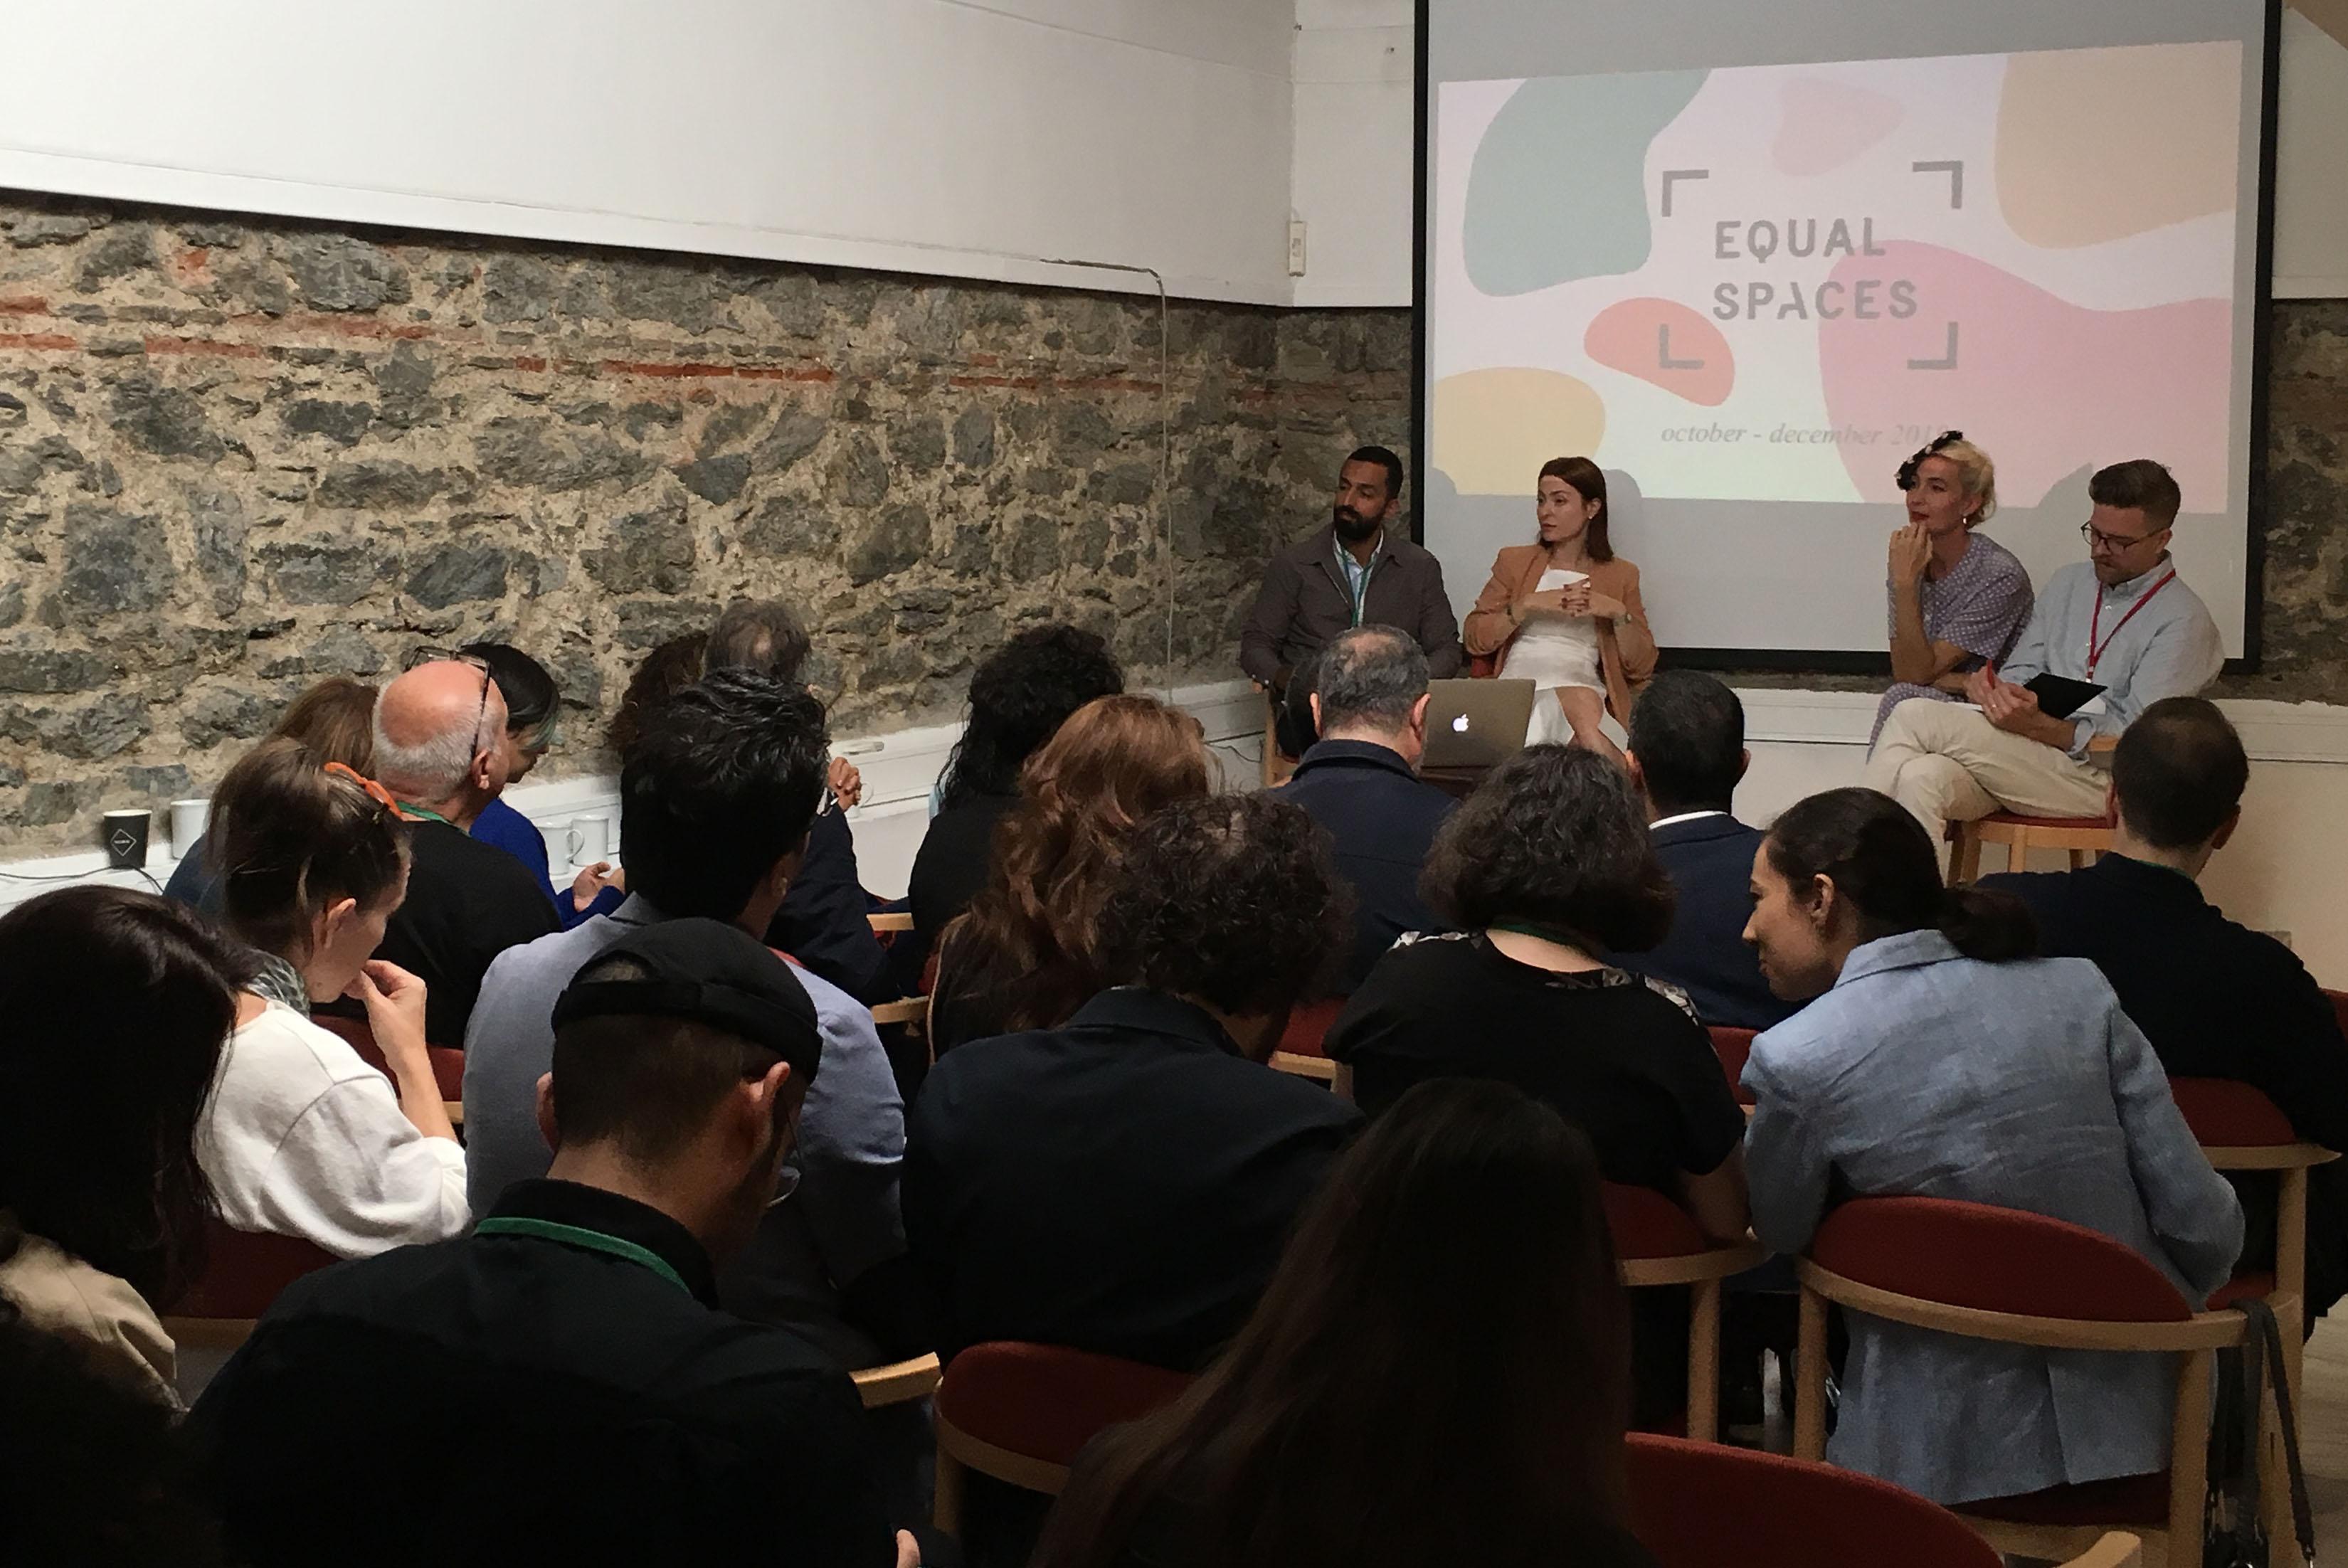 Svenska Institutets Jenny Bergström och Oskar Röhlander presenterar projektet 'Equal Spaces´ tillsammans med projektets turkiska koordinatorer Dilek Ozturk och Bilgen Coskun på Svenska forskningsinstitutet i Istanbul.